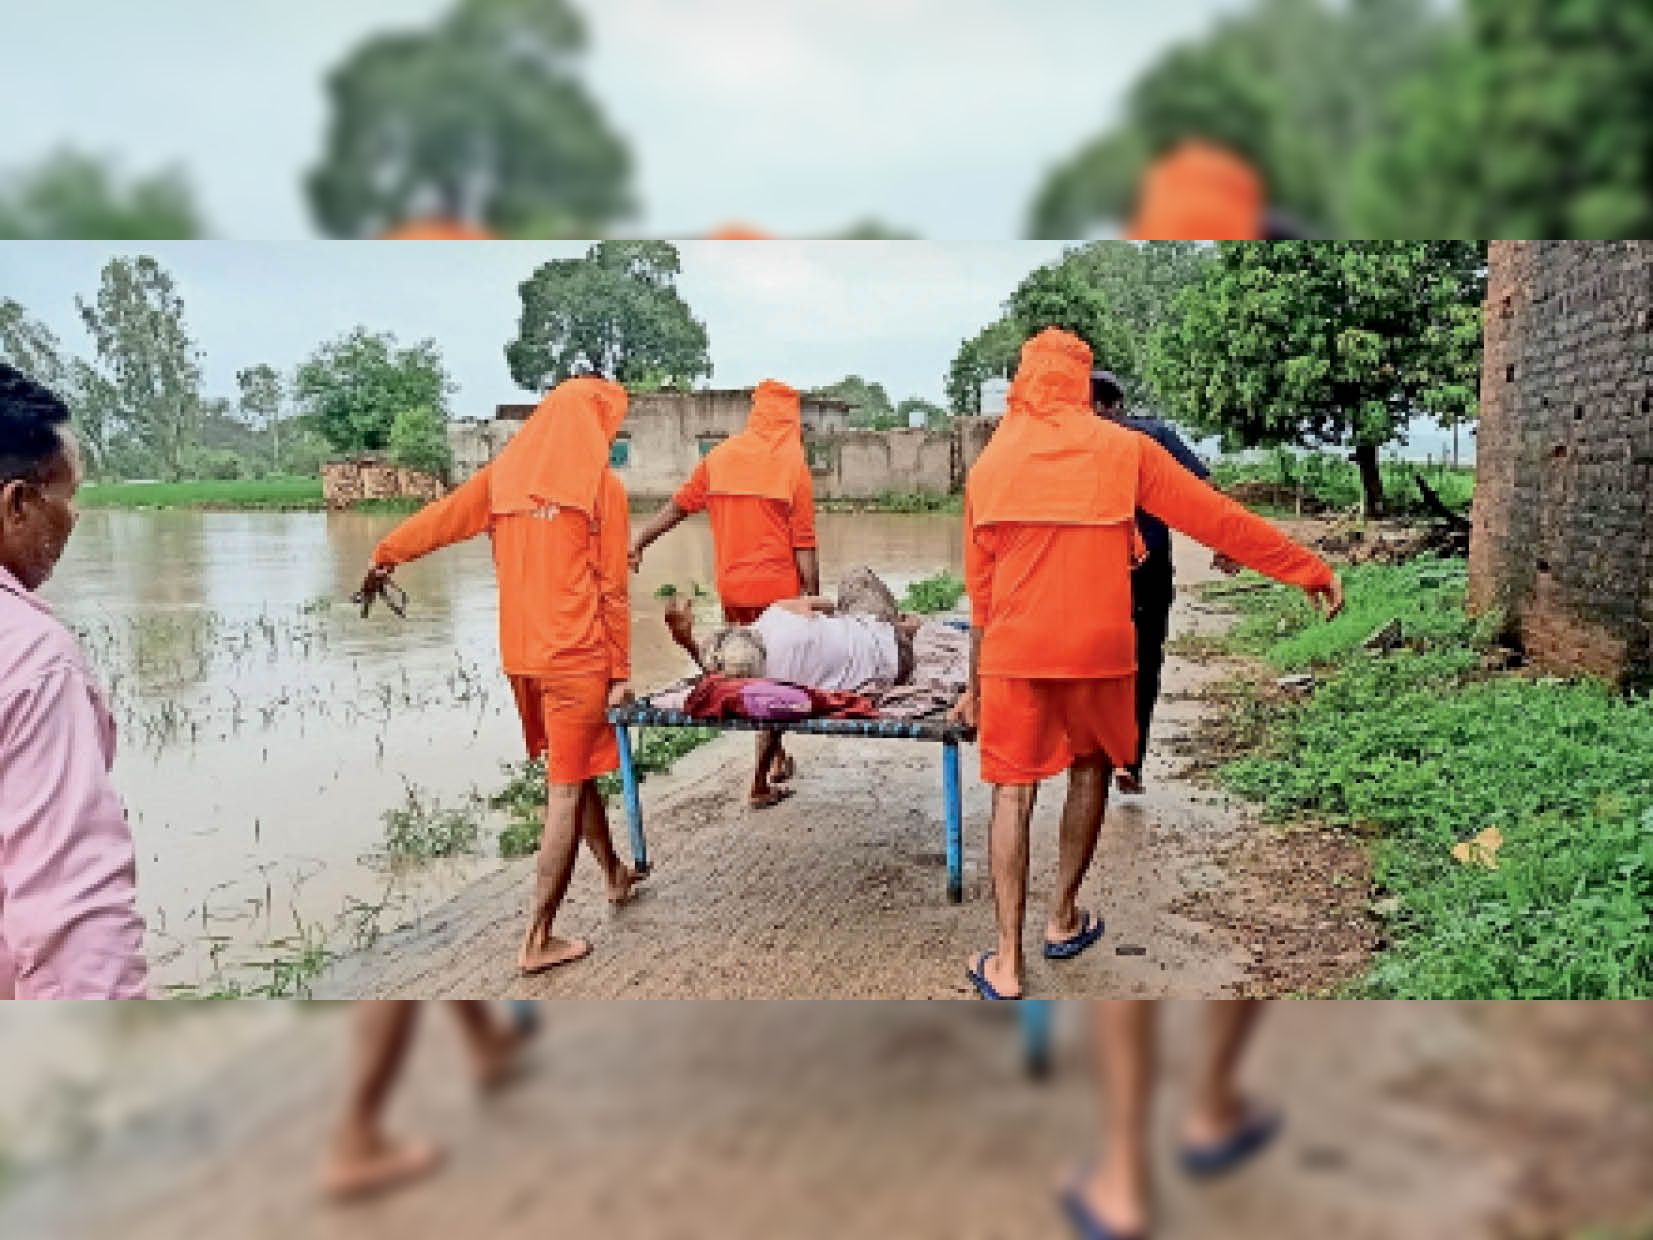 चलने-फिरने में असमर्थ बुजुर्ग को खटिया सहित सुरक्षित स्थान पर ले जाते टीम के जवान। - Dainik Bhaskar